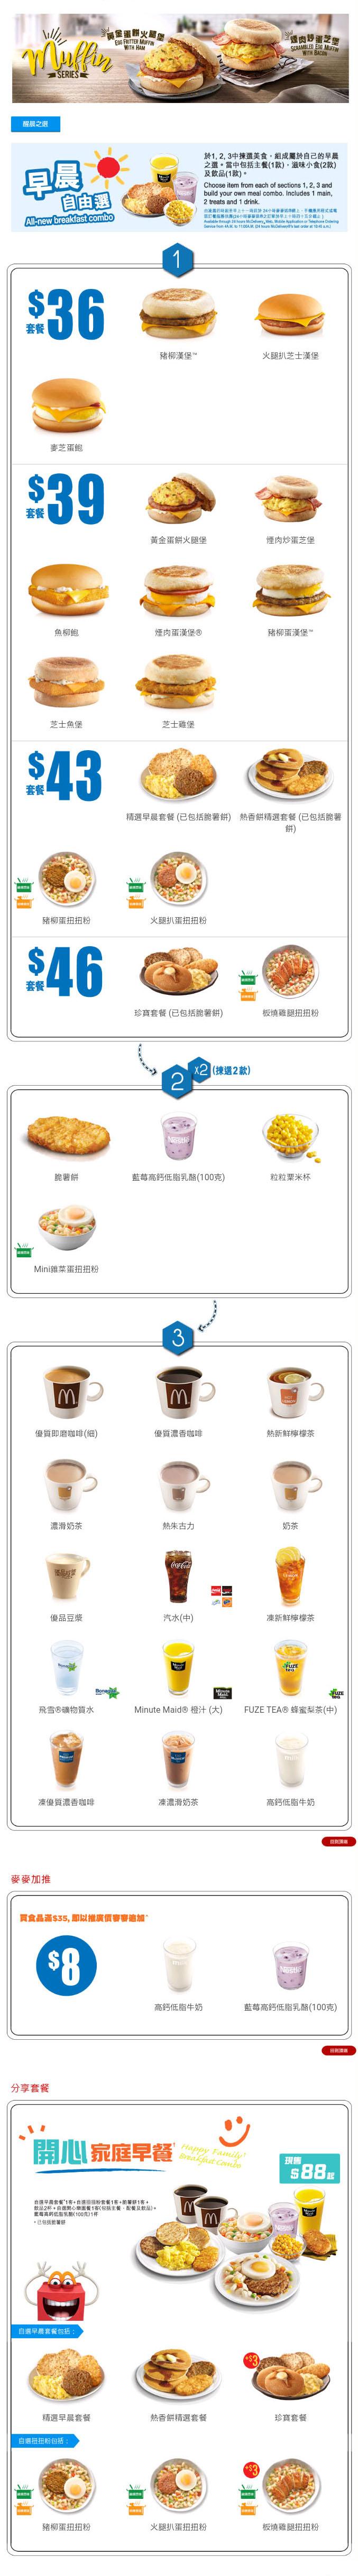 麥當勞24小時麥麥送餐單外賣速遞優惠服務最低消費要幾錢去邊度平哪邊間好介紹 mcdonald's restaurants hong kong ltd mcdelivery service breakfast time menu mcdonald's delivery price